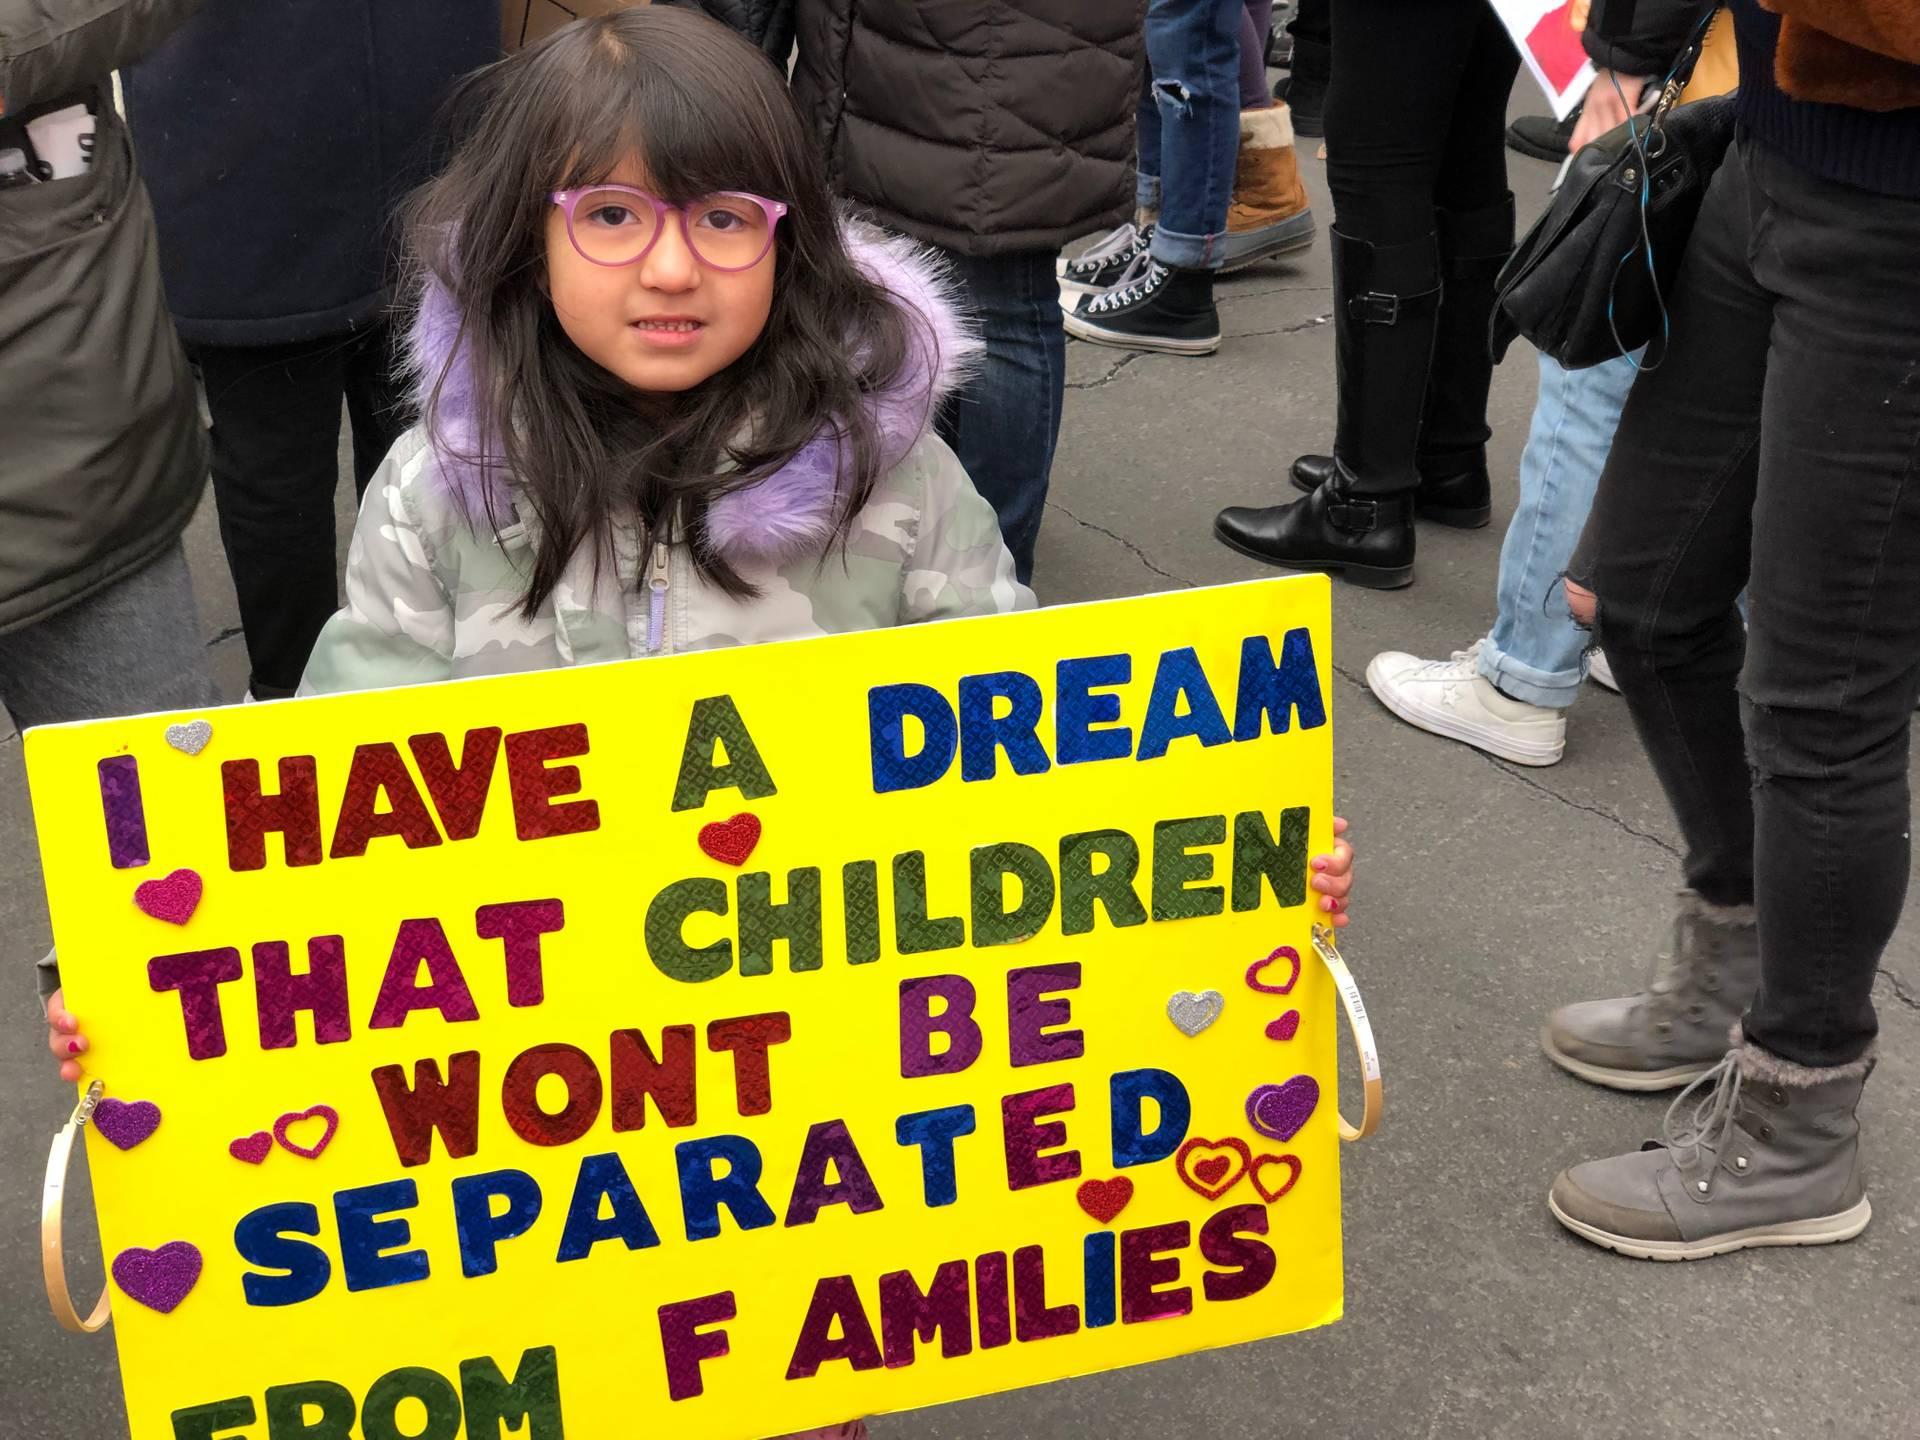 Дівчинка з плакатом I have a dream, that children won't be separated from families «Я мрію, що діти не відділятиму від їхніх родин», — напис на плакаті в руках маленької дівчинки, яку на Жіночу ходу привели батьки-мігранти з Латинської Америки. Він нагадує слова найвідомішої промови легенди руху за права афроамериканців Мартіна Лютера Кінга про мрію жити без расизму, а також введений влітку 2018-го і згодом скасований указ Дональда Трампа про те, що на кордоні зі США дітей мігрантів і шукачів притулку відбирали у батьків. За даними CNN чимало дітей і далі утримуються без рідних. А US Today повідомляє, що сім'ї і далі розділяють.